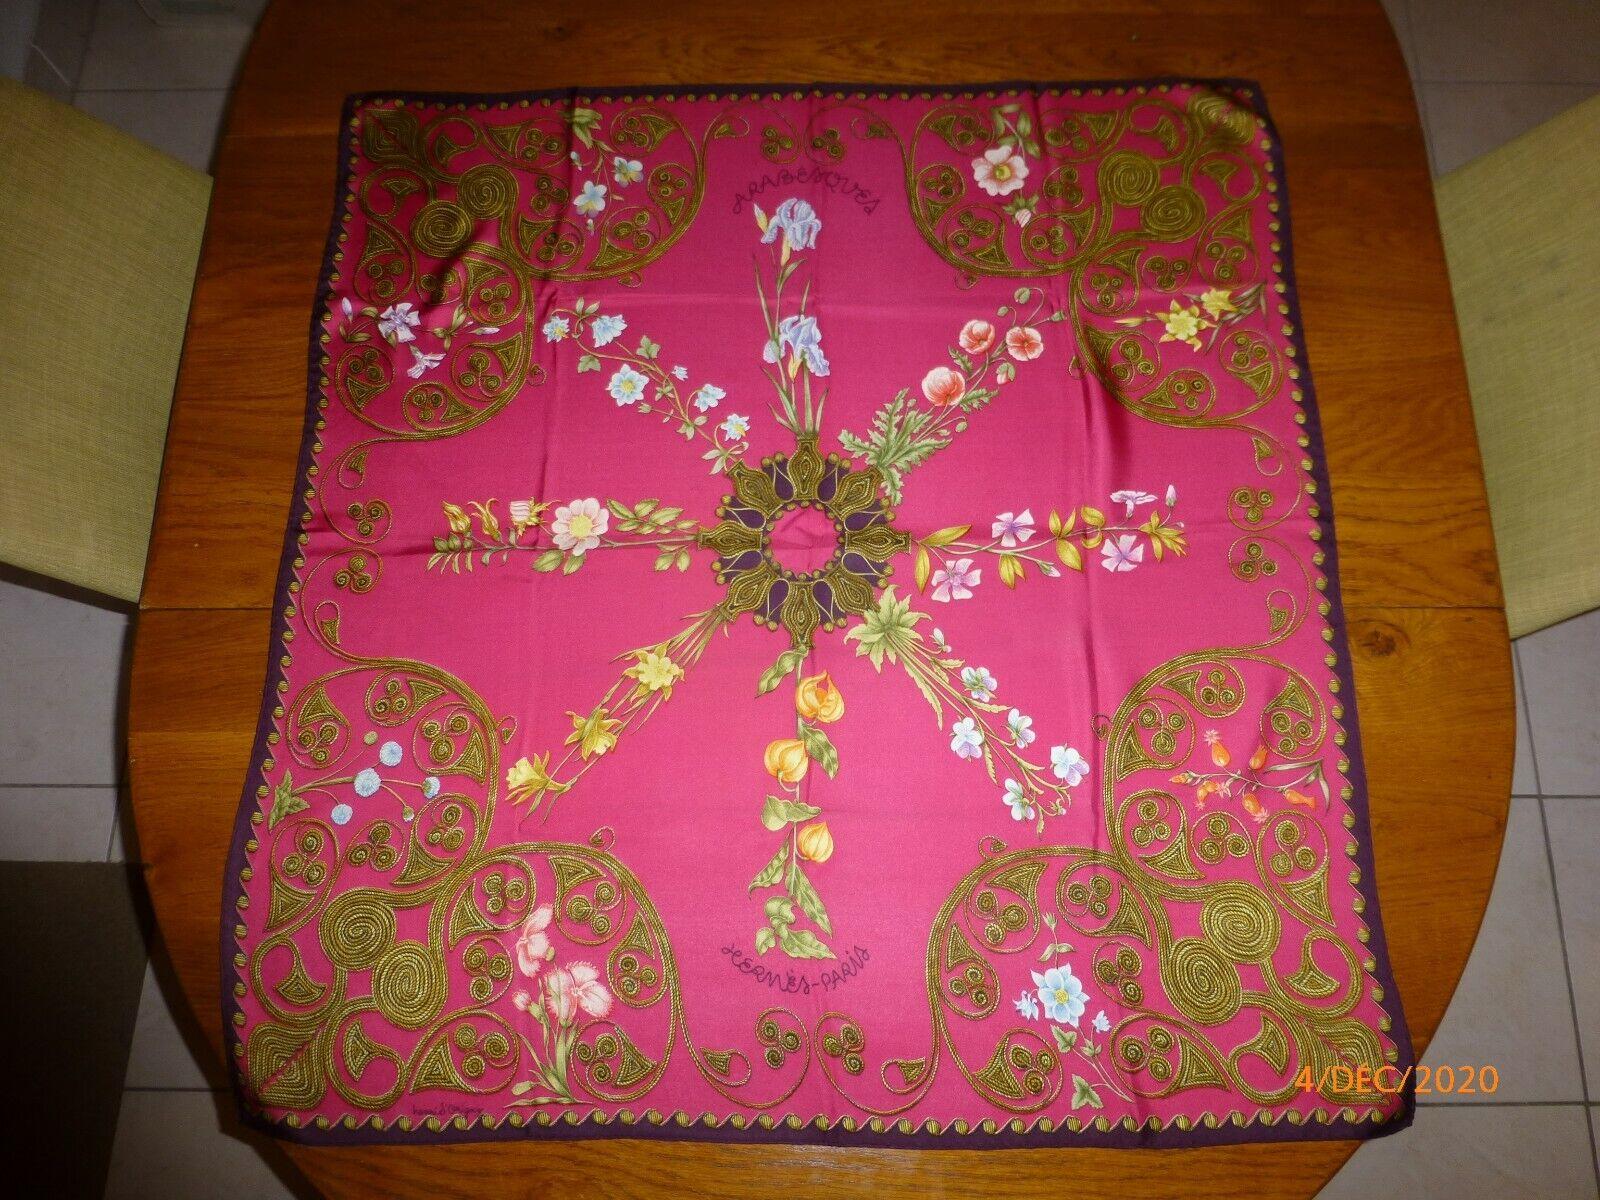 Carré, foulard hermès, modèle arabesques